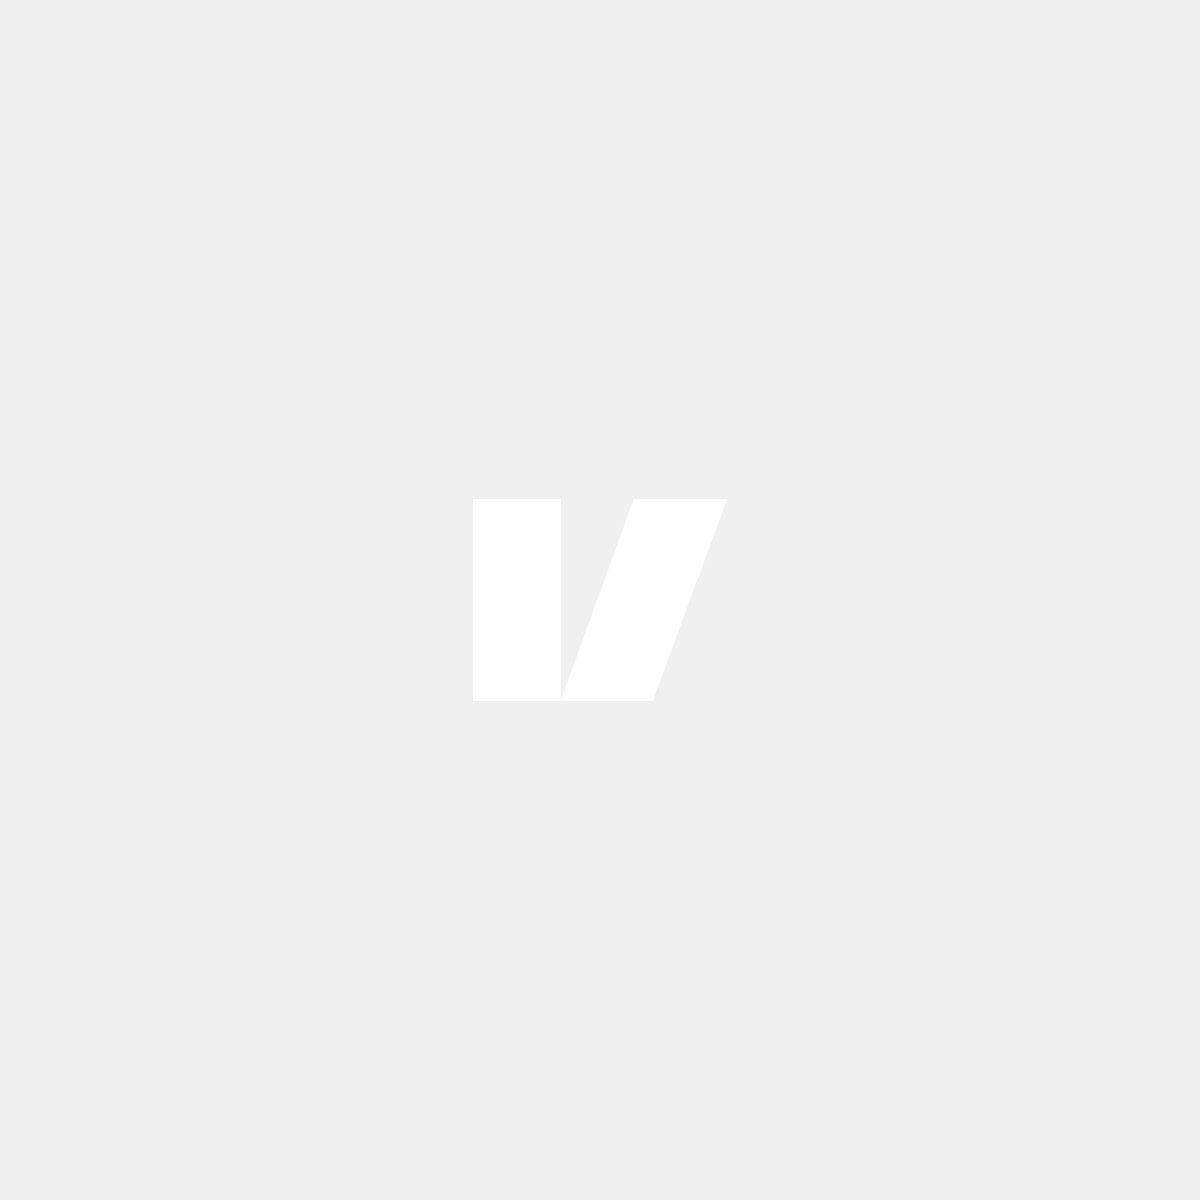 Fjäderbenstagsförstärkning till Volvo S60, S80, V70, XC70, XC90